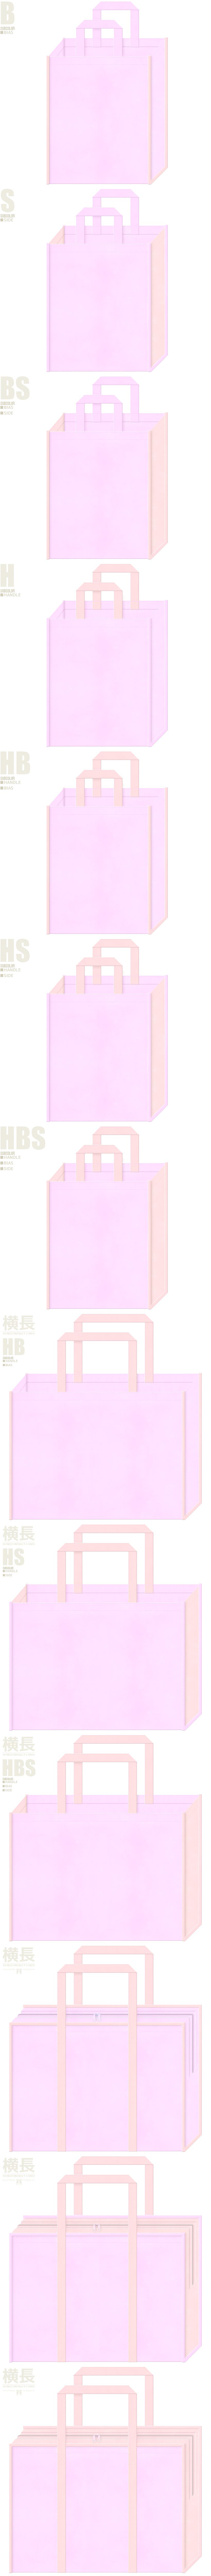 保育・福祉・介護・医療・浴衣・ドリーム・パジャマ・インテリア・寝具・パステルカラー・ガーリーデザインにお奨めの不織布バッグデザイン:明るいピンク色と桜色の配色7パターン。